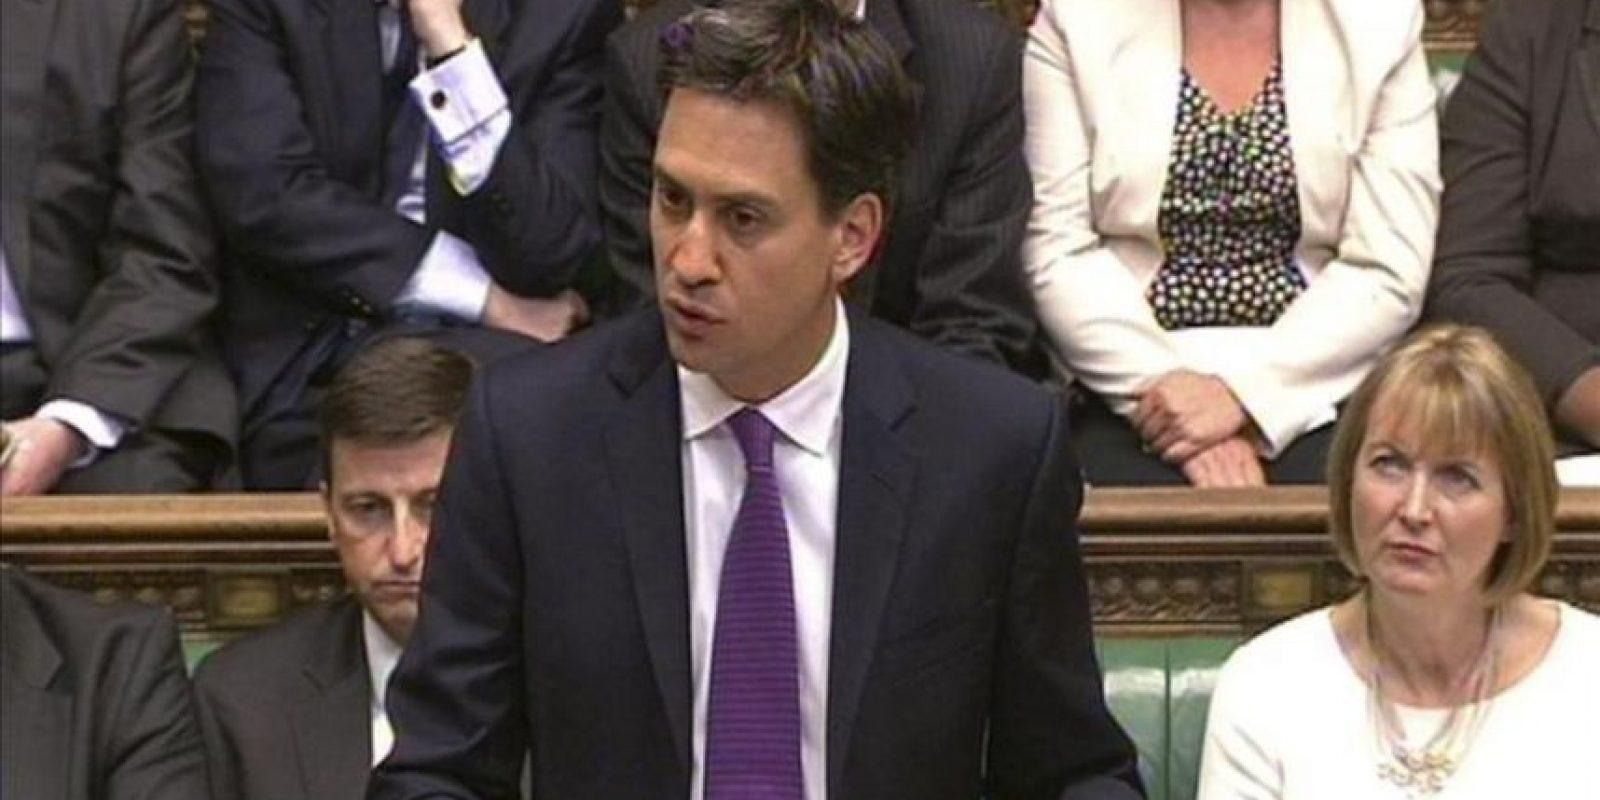 El líder del Partido Laborista inglés, Ed Miliband (c), interviene durante un debate sobre Siria en la Cámara de los Comunes, Londres, Reino Unido, hoy 29 de agosto de 2013. EFE